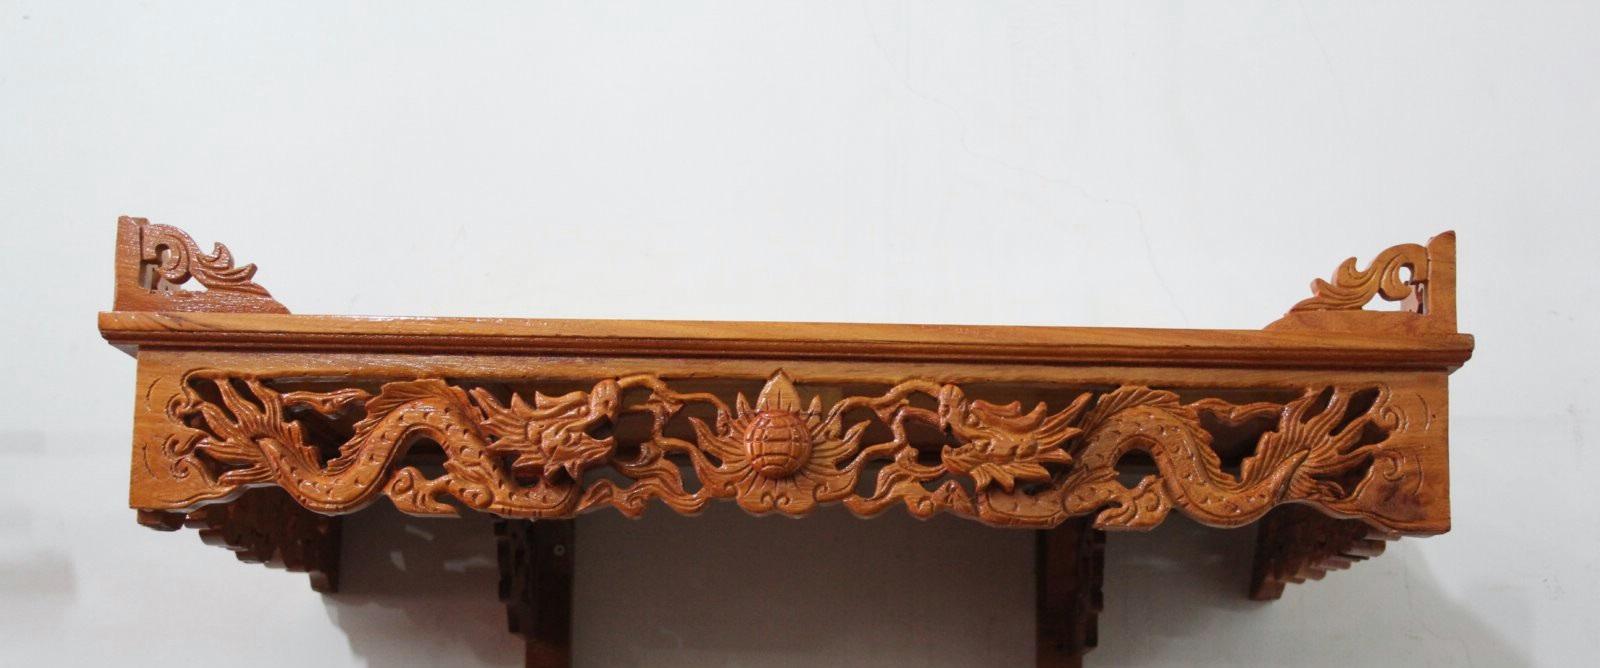 Bàn thờ treo chạm rồng có kiểu dáng tiện dụng và phù hợp sử dụng cho việc thờ cúng trong gia đình